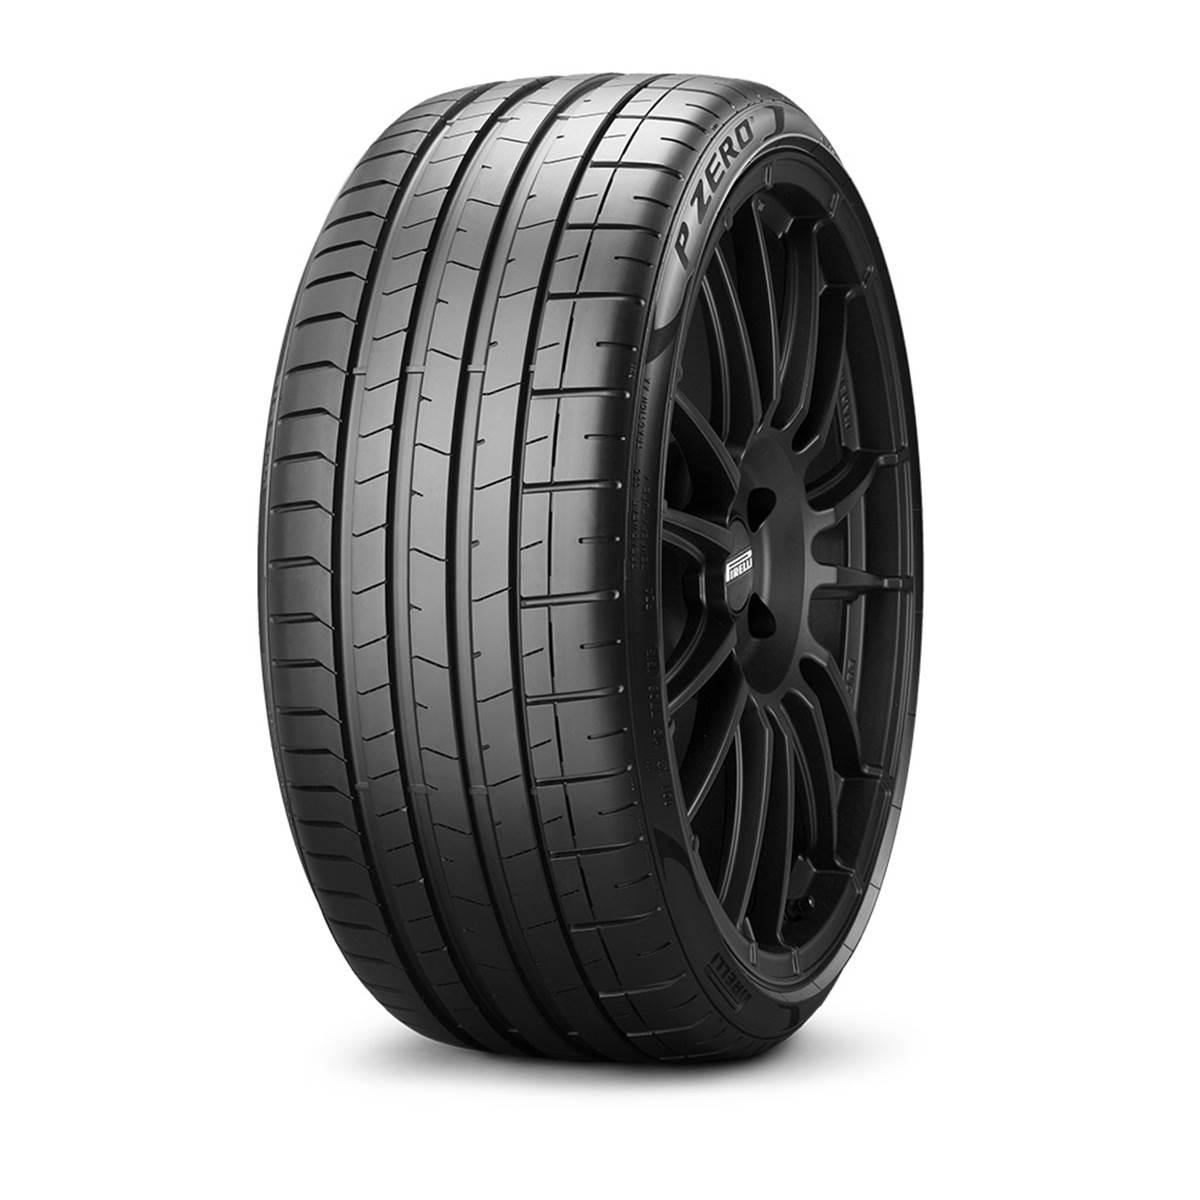 Pneu Pirelli 225/40R19 93Y Pzero XL